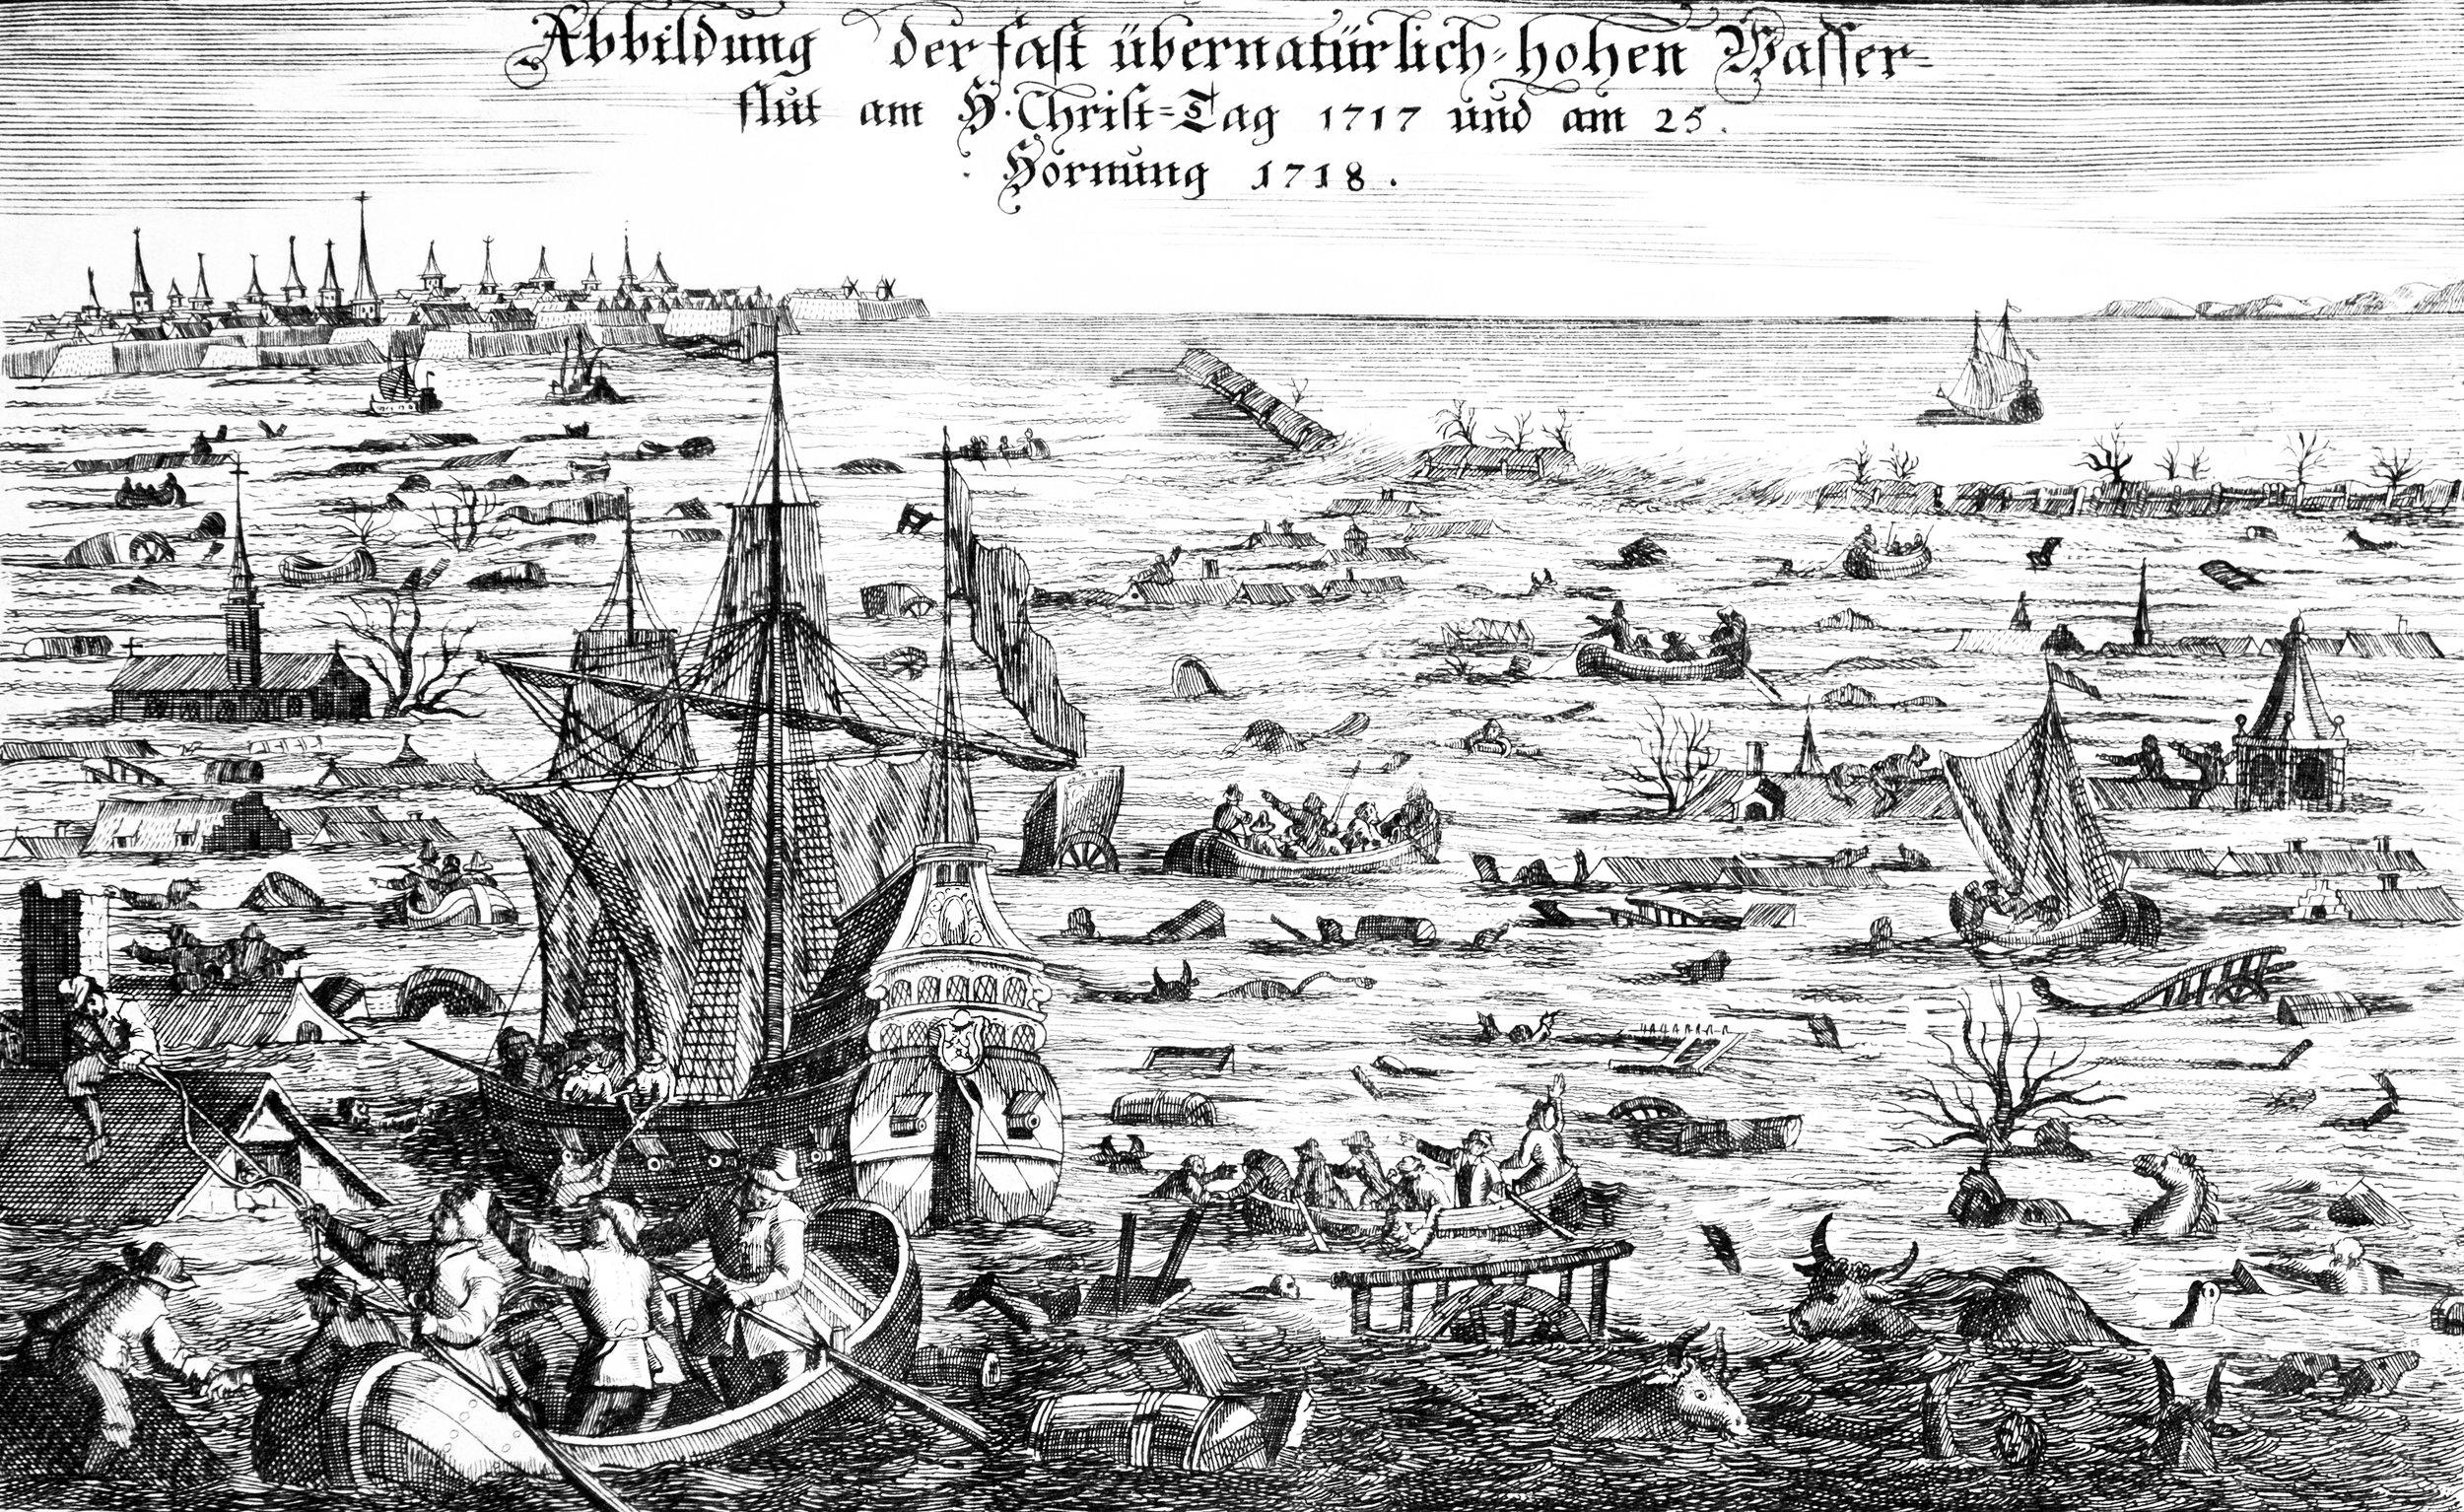 Unknown - Copper Engraving  Abbildung der fast übernatürlich-hohen Wasserflut am H(eiligen) Christ-Tag 1717 und am 25. Hornung (= Februar)